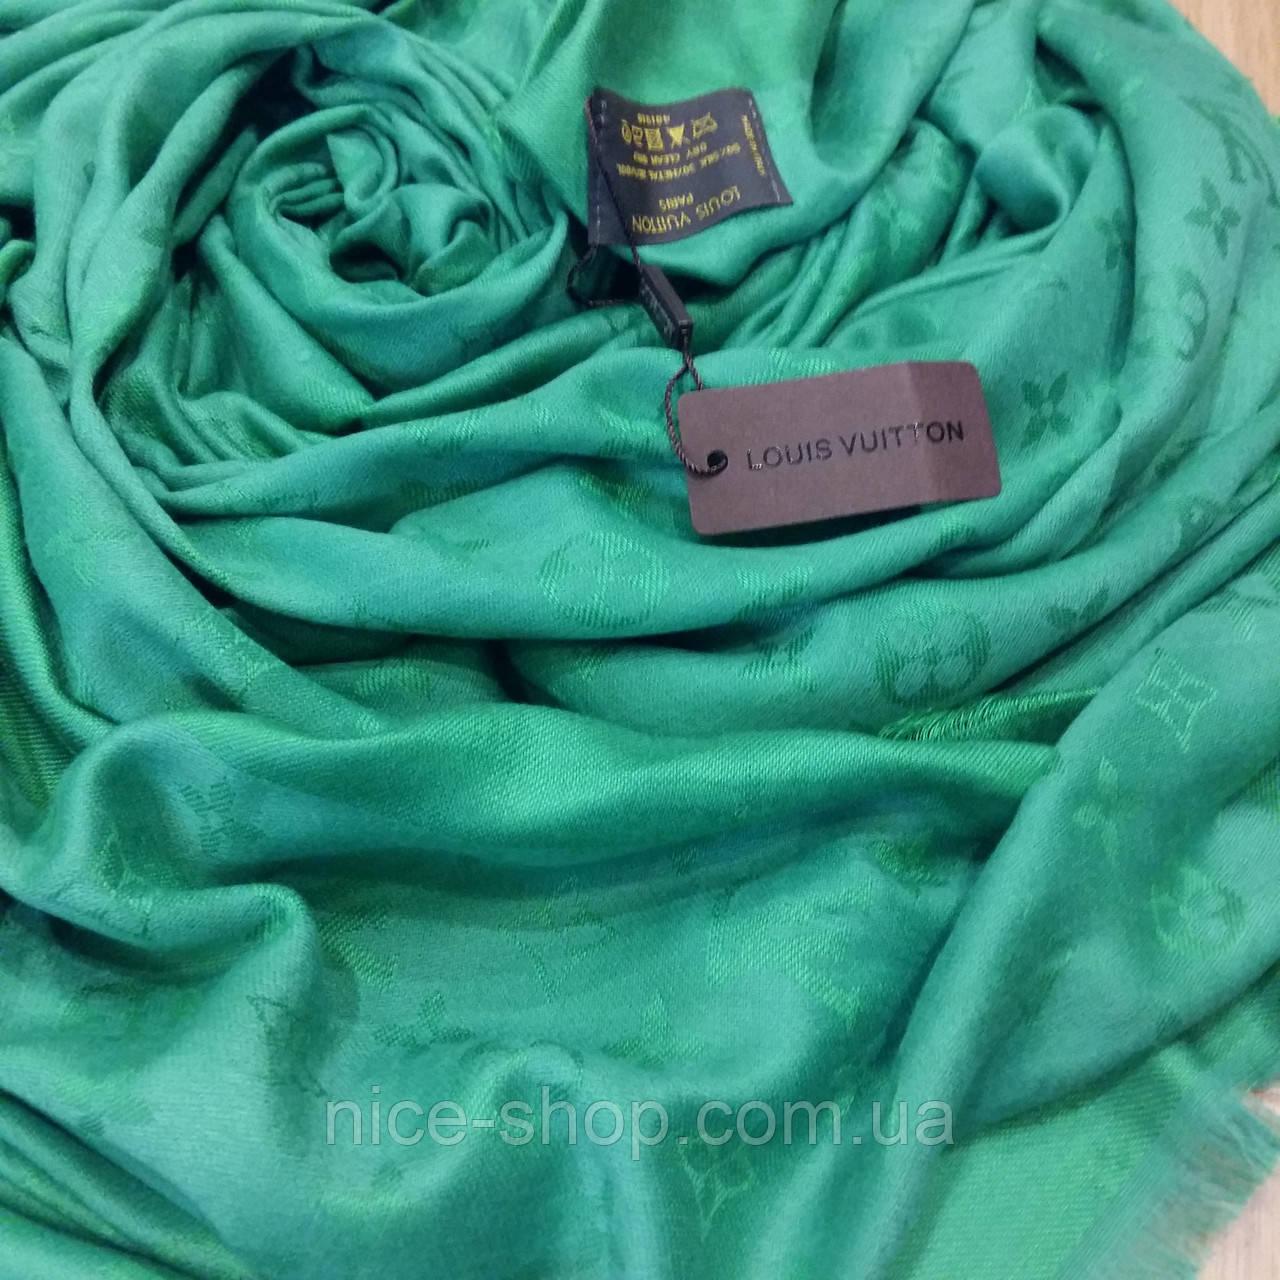 efa755d8088e Платок Louis Vuitton изумруд  продажа, цена в Одессе. платки, шали ...